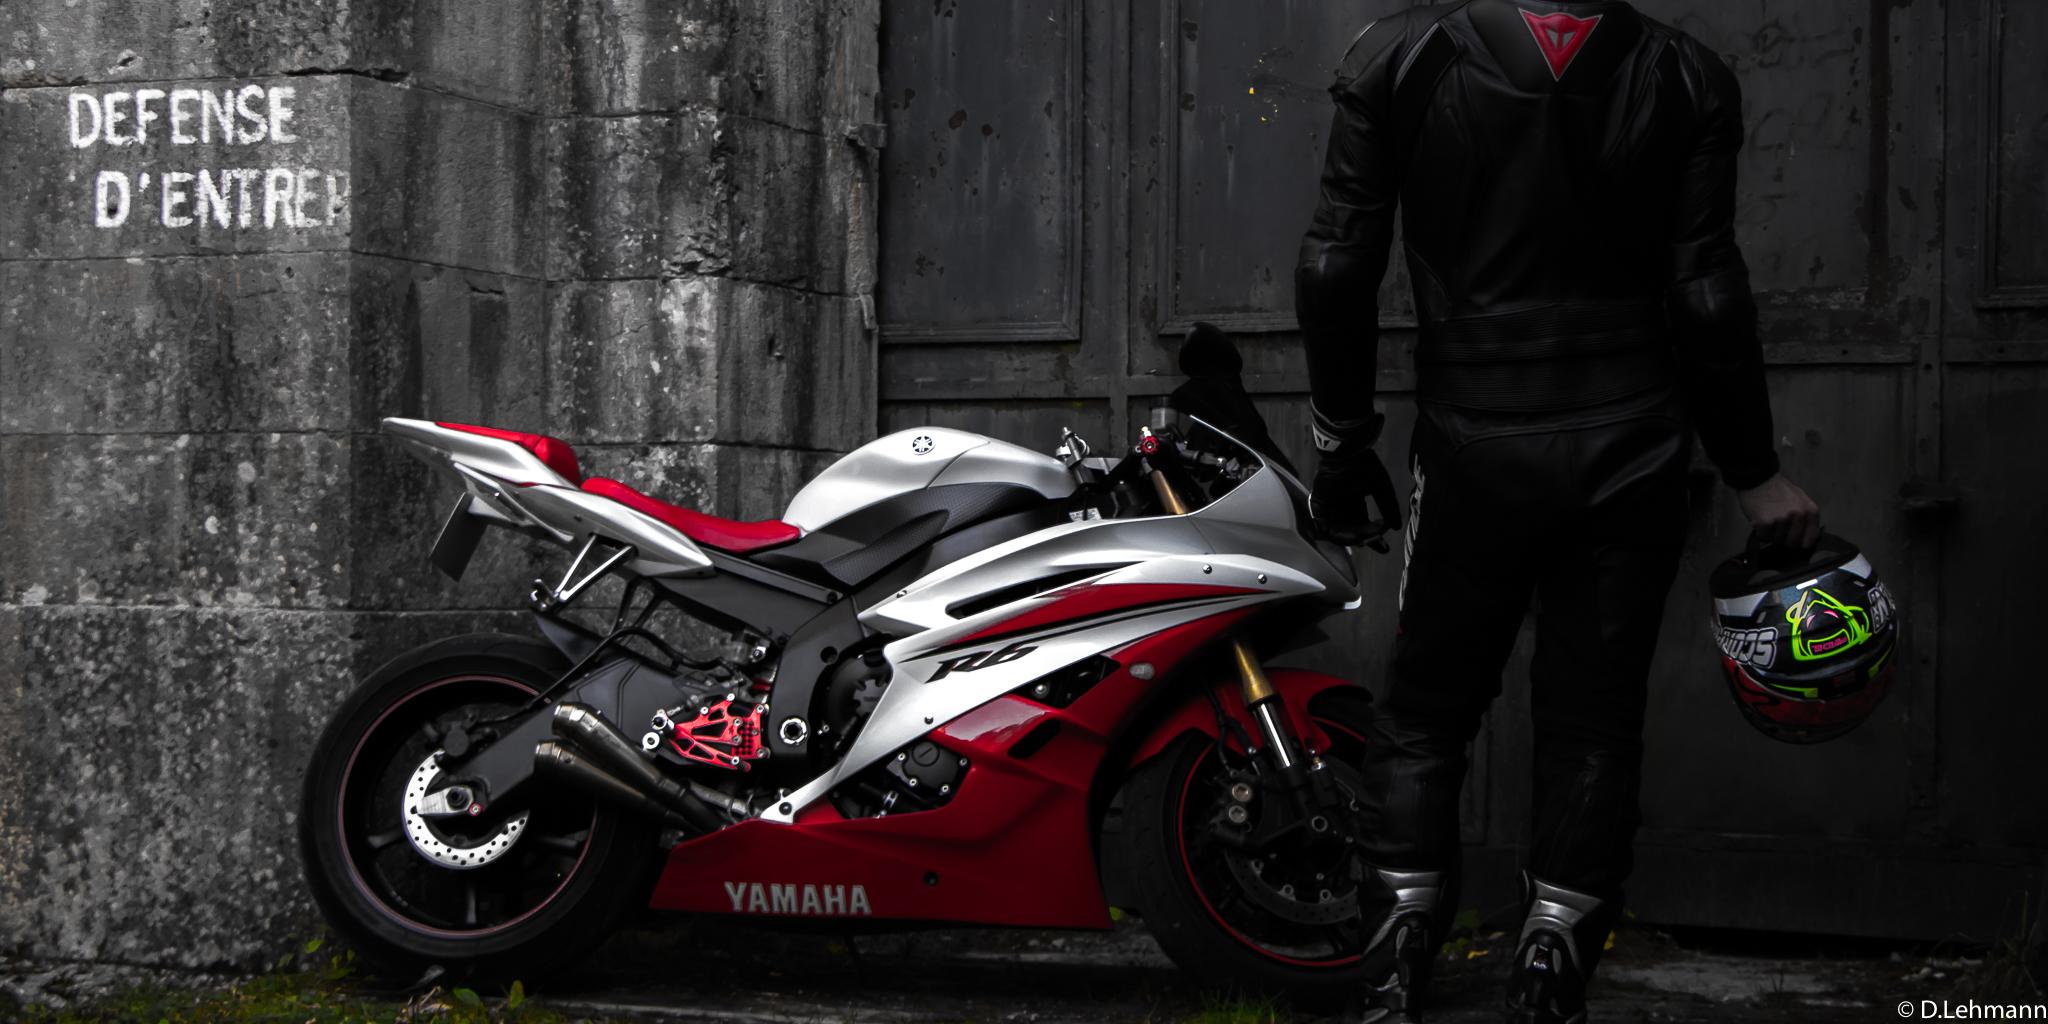 Yamaha R6 Rider, HD Bikes, 4k Wallpapers, Images